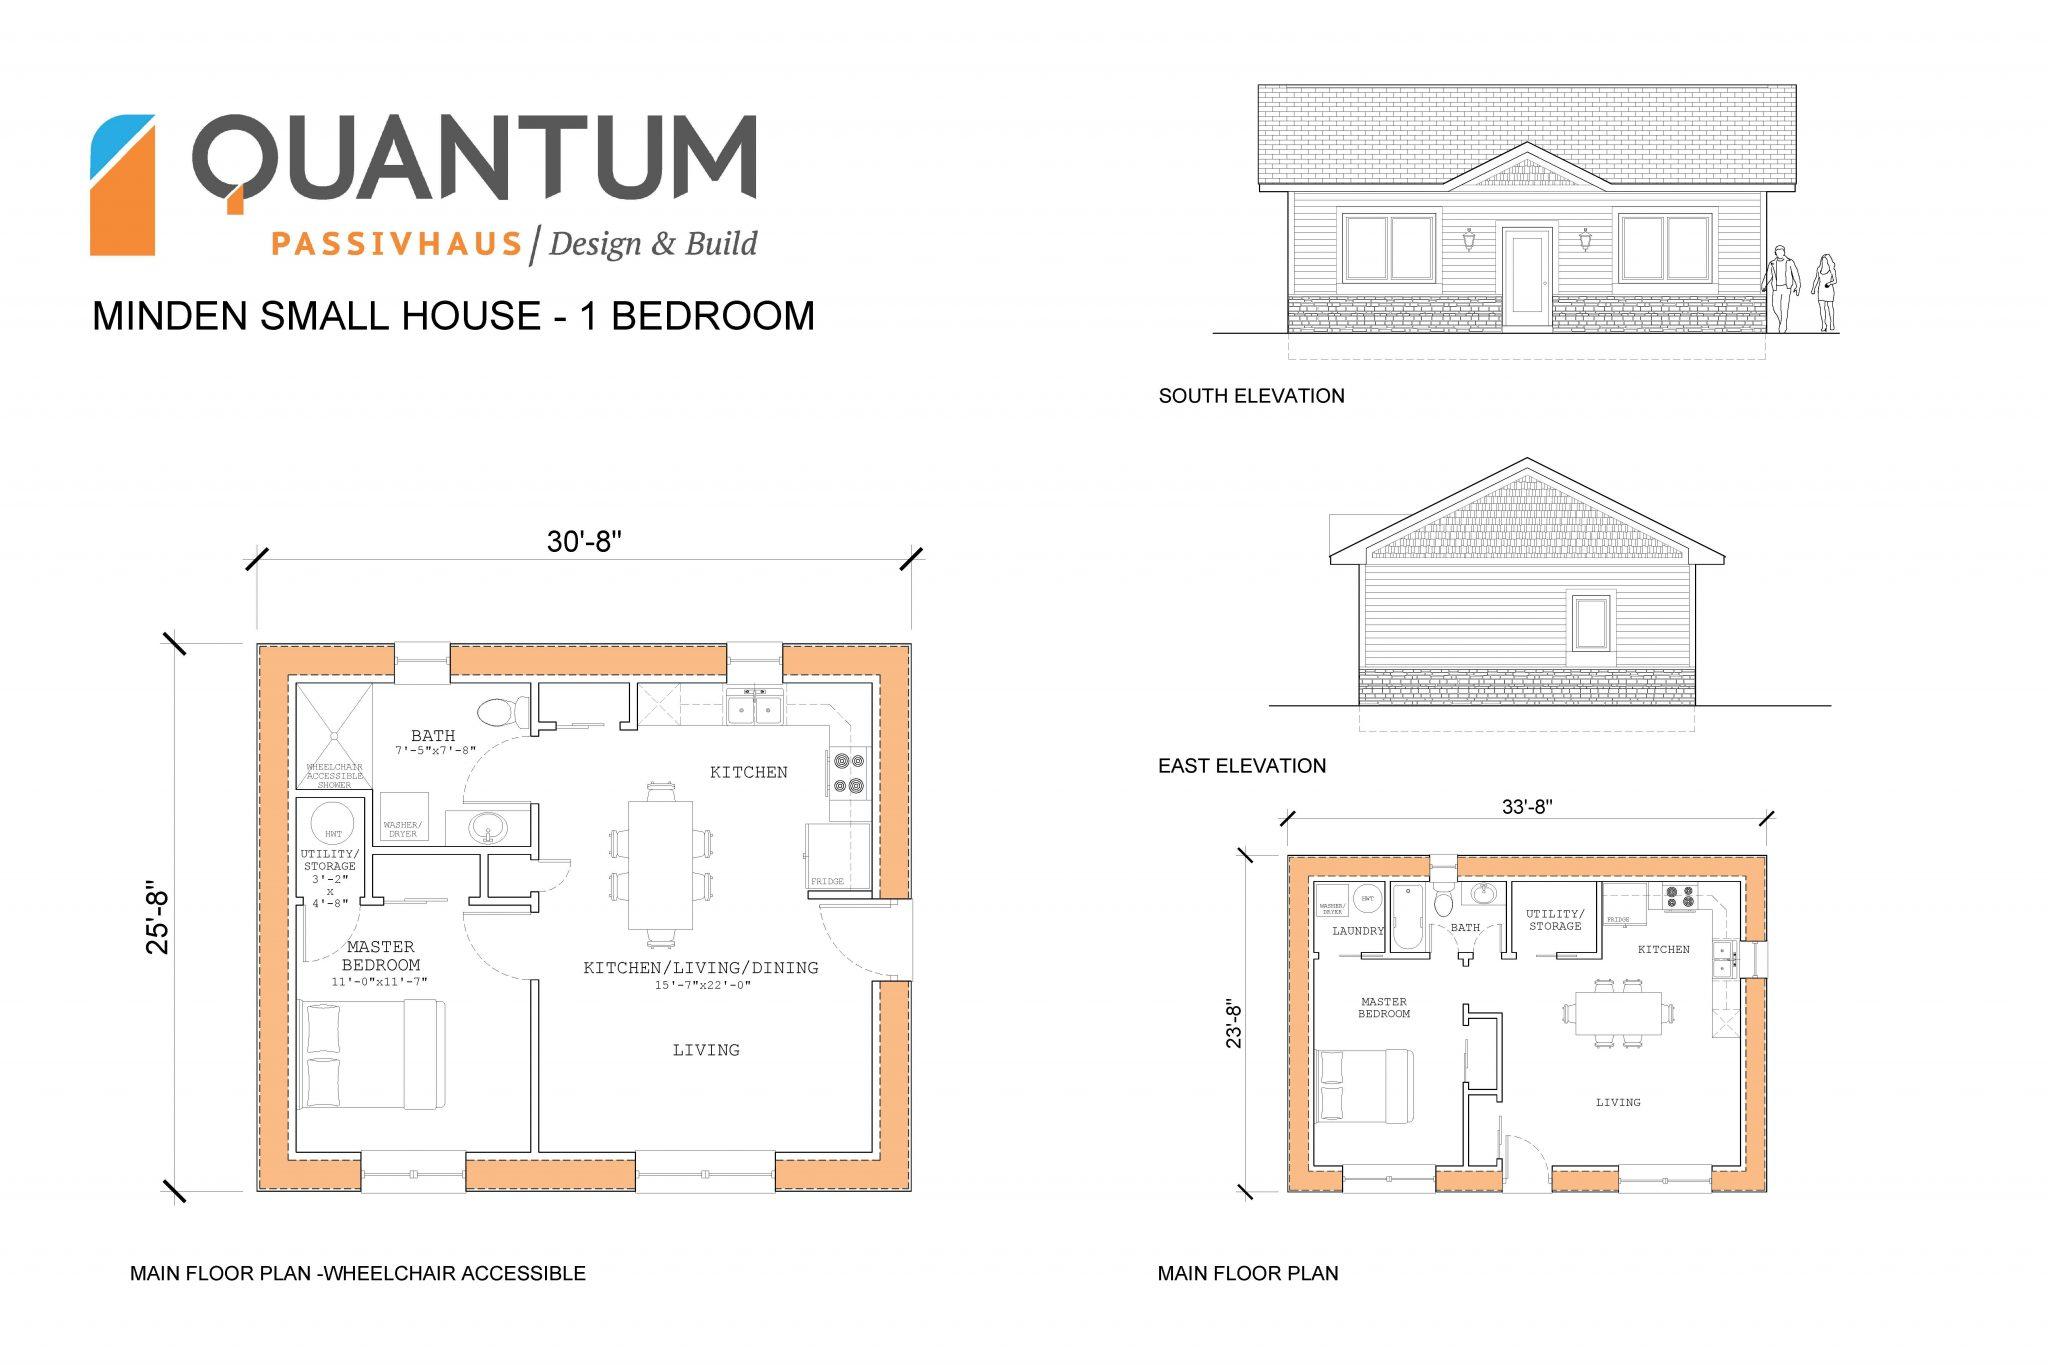 Quantum Passivhaus